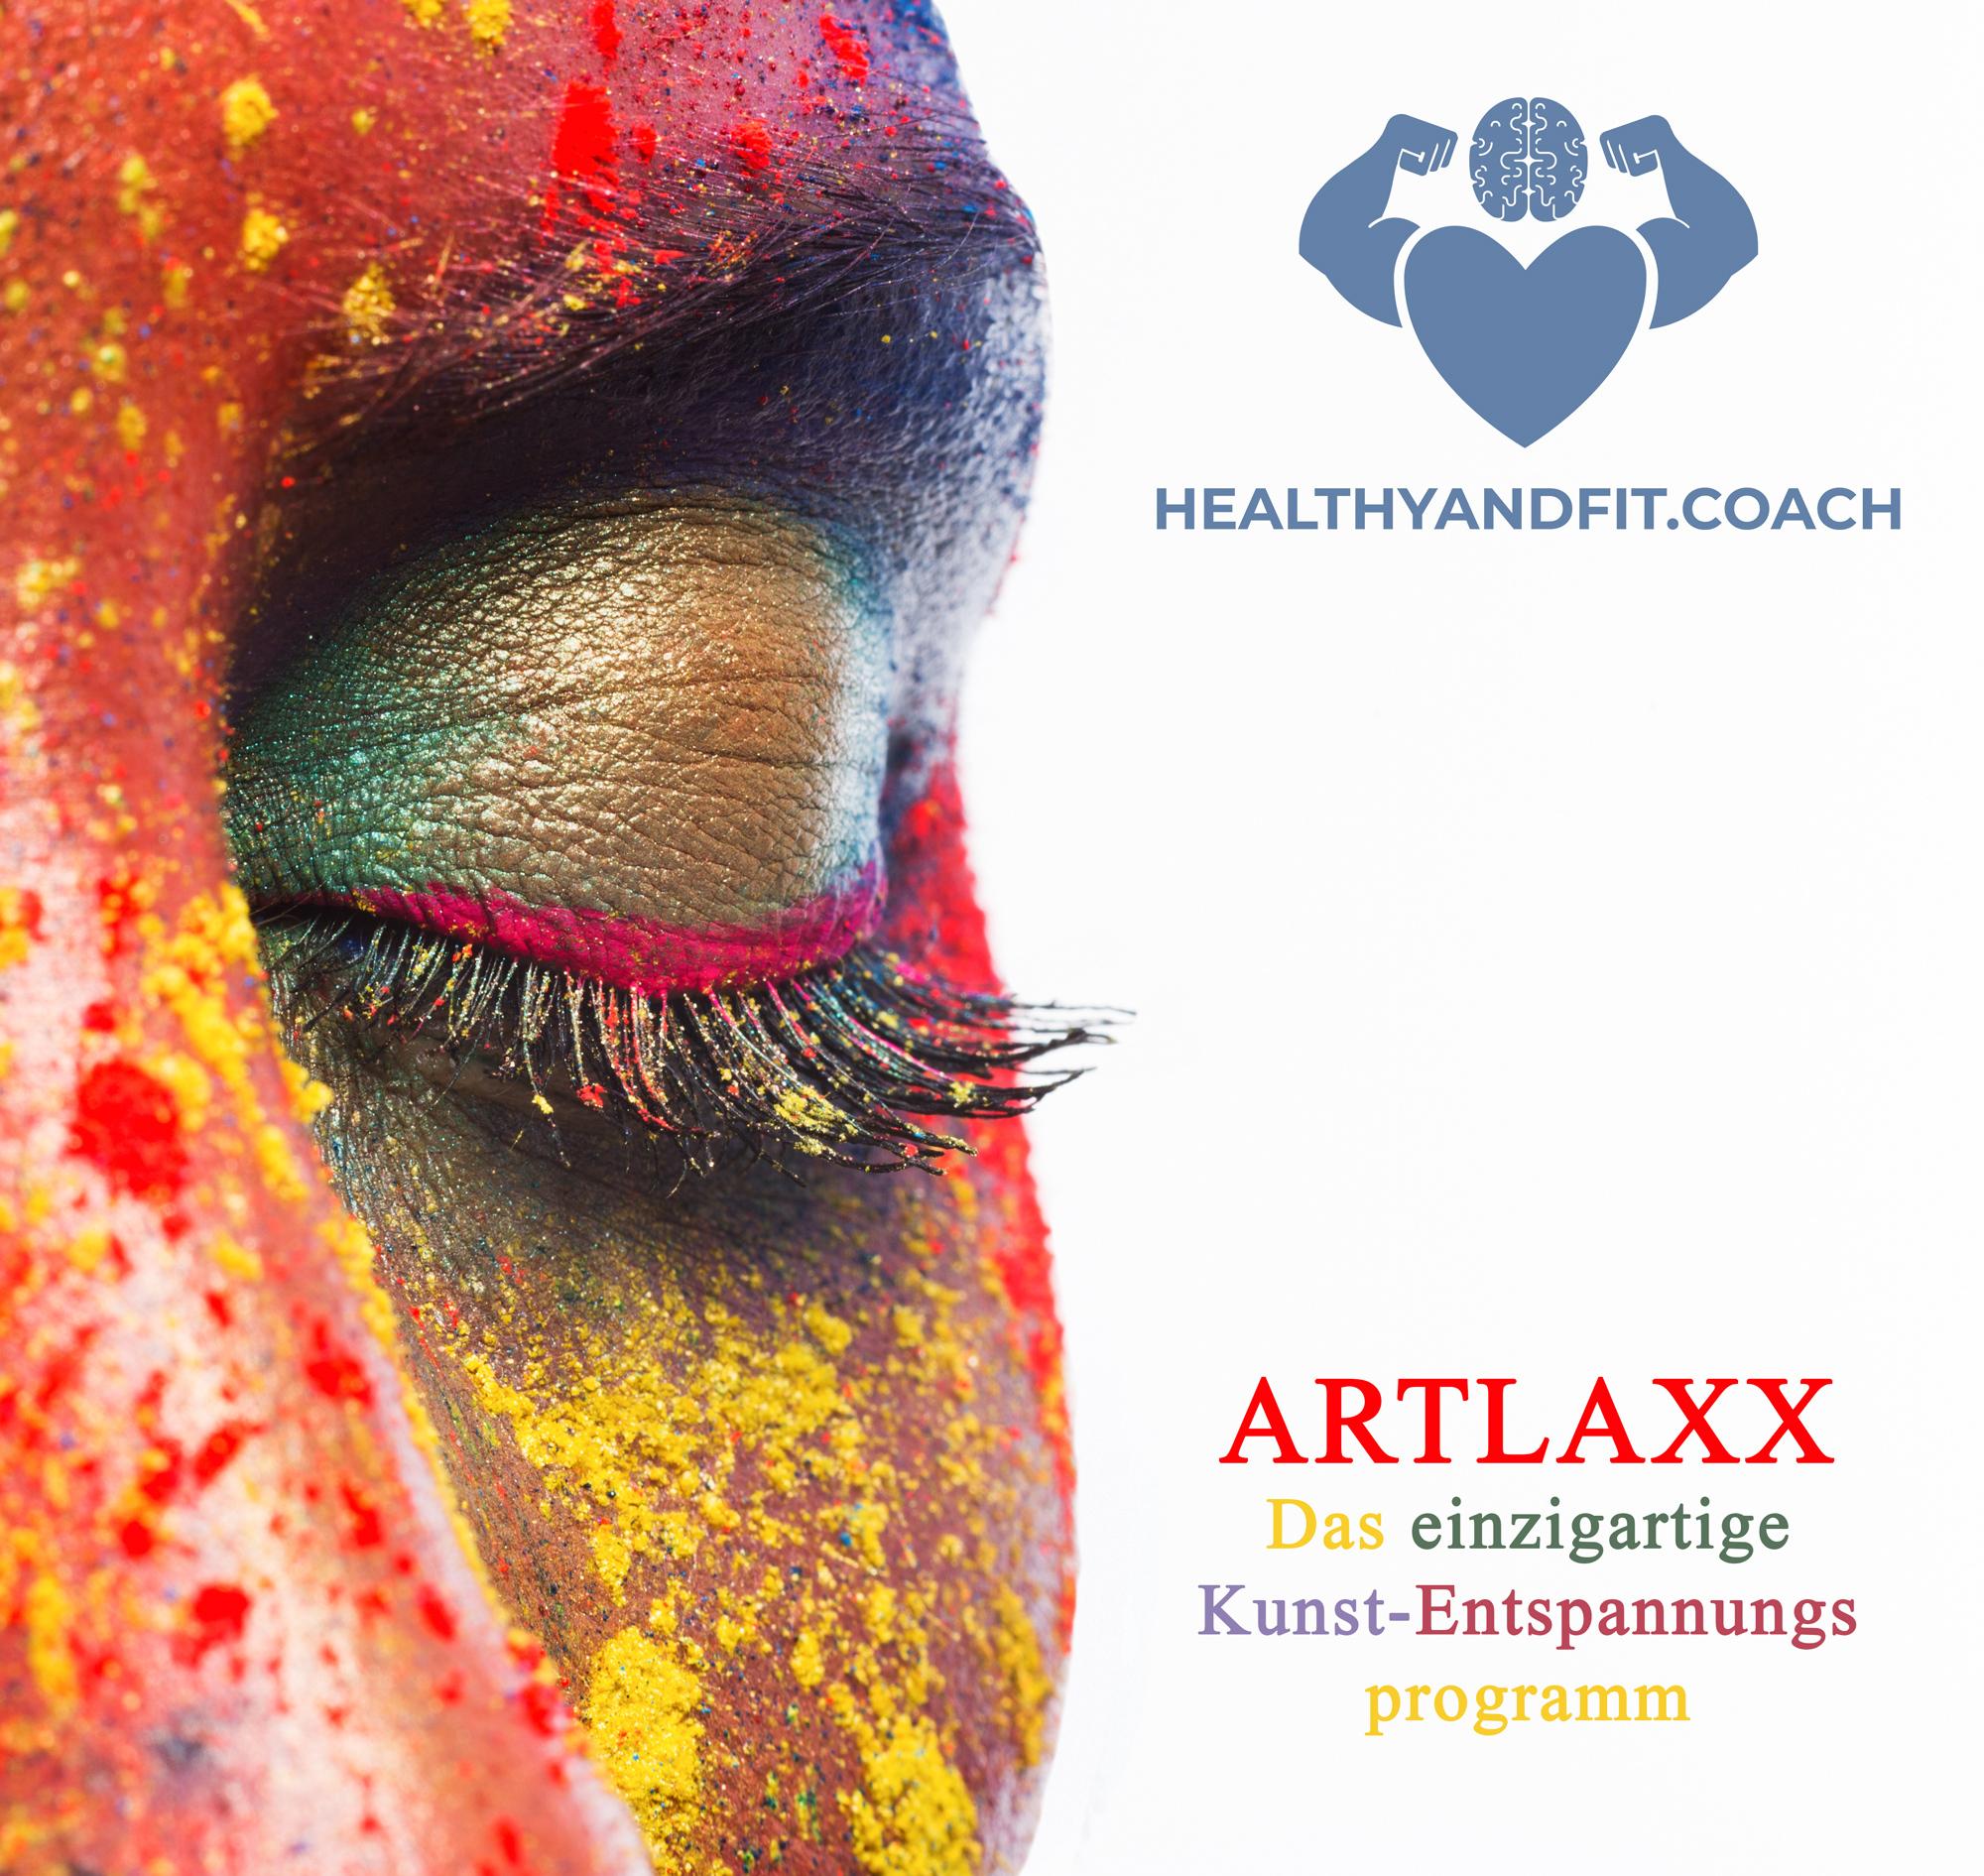 ARTLAXX